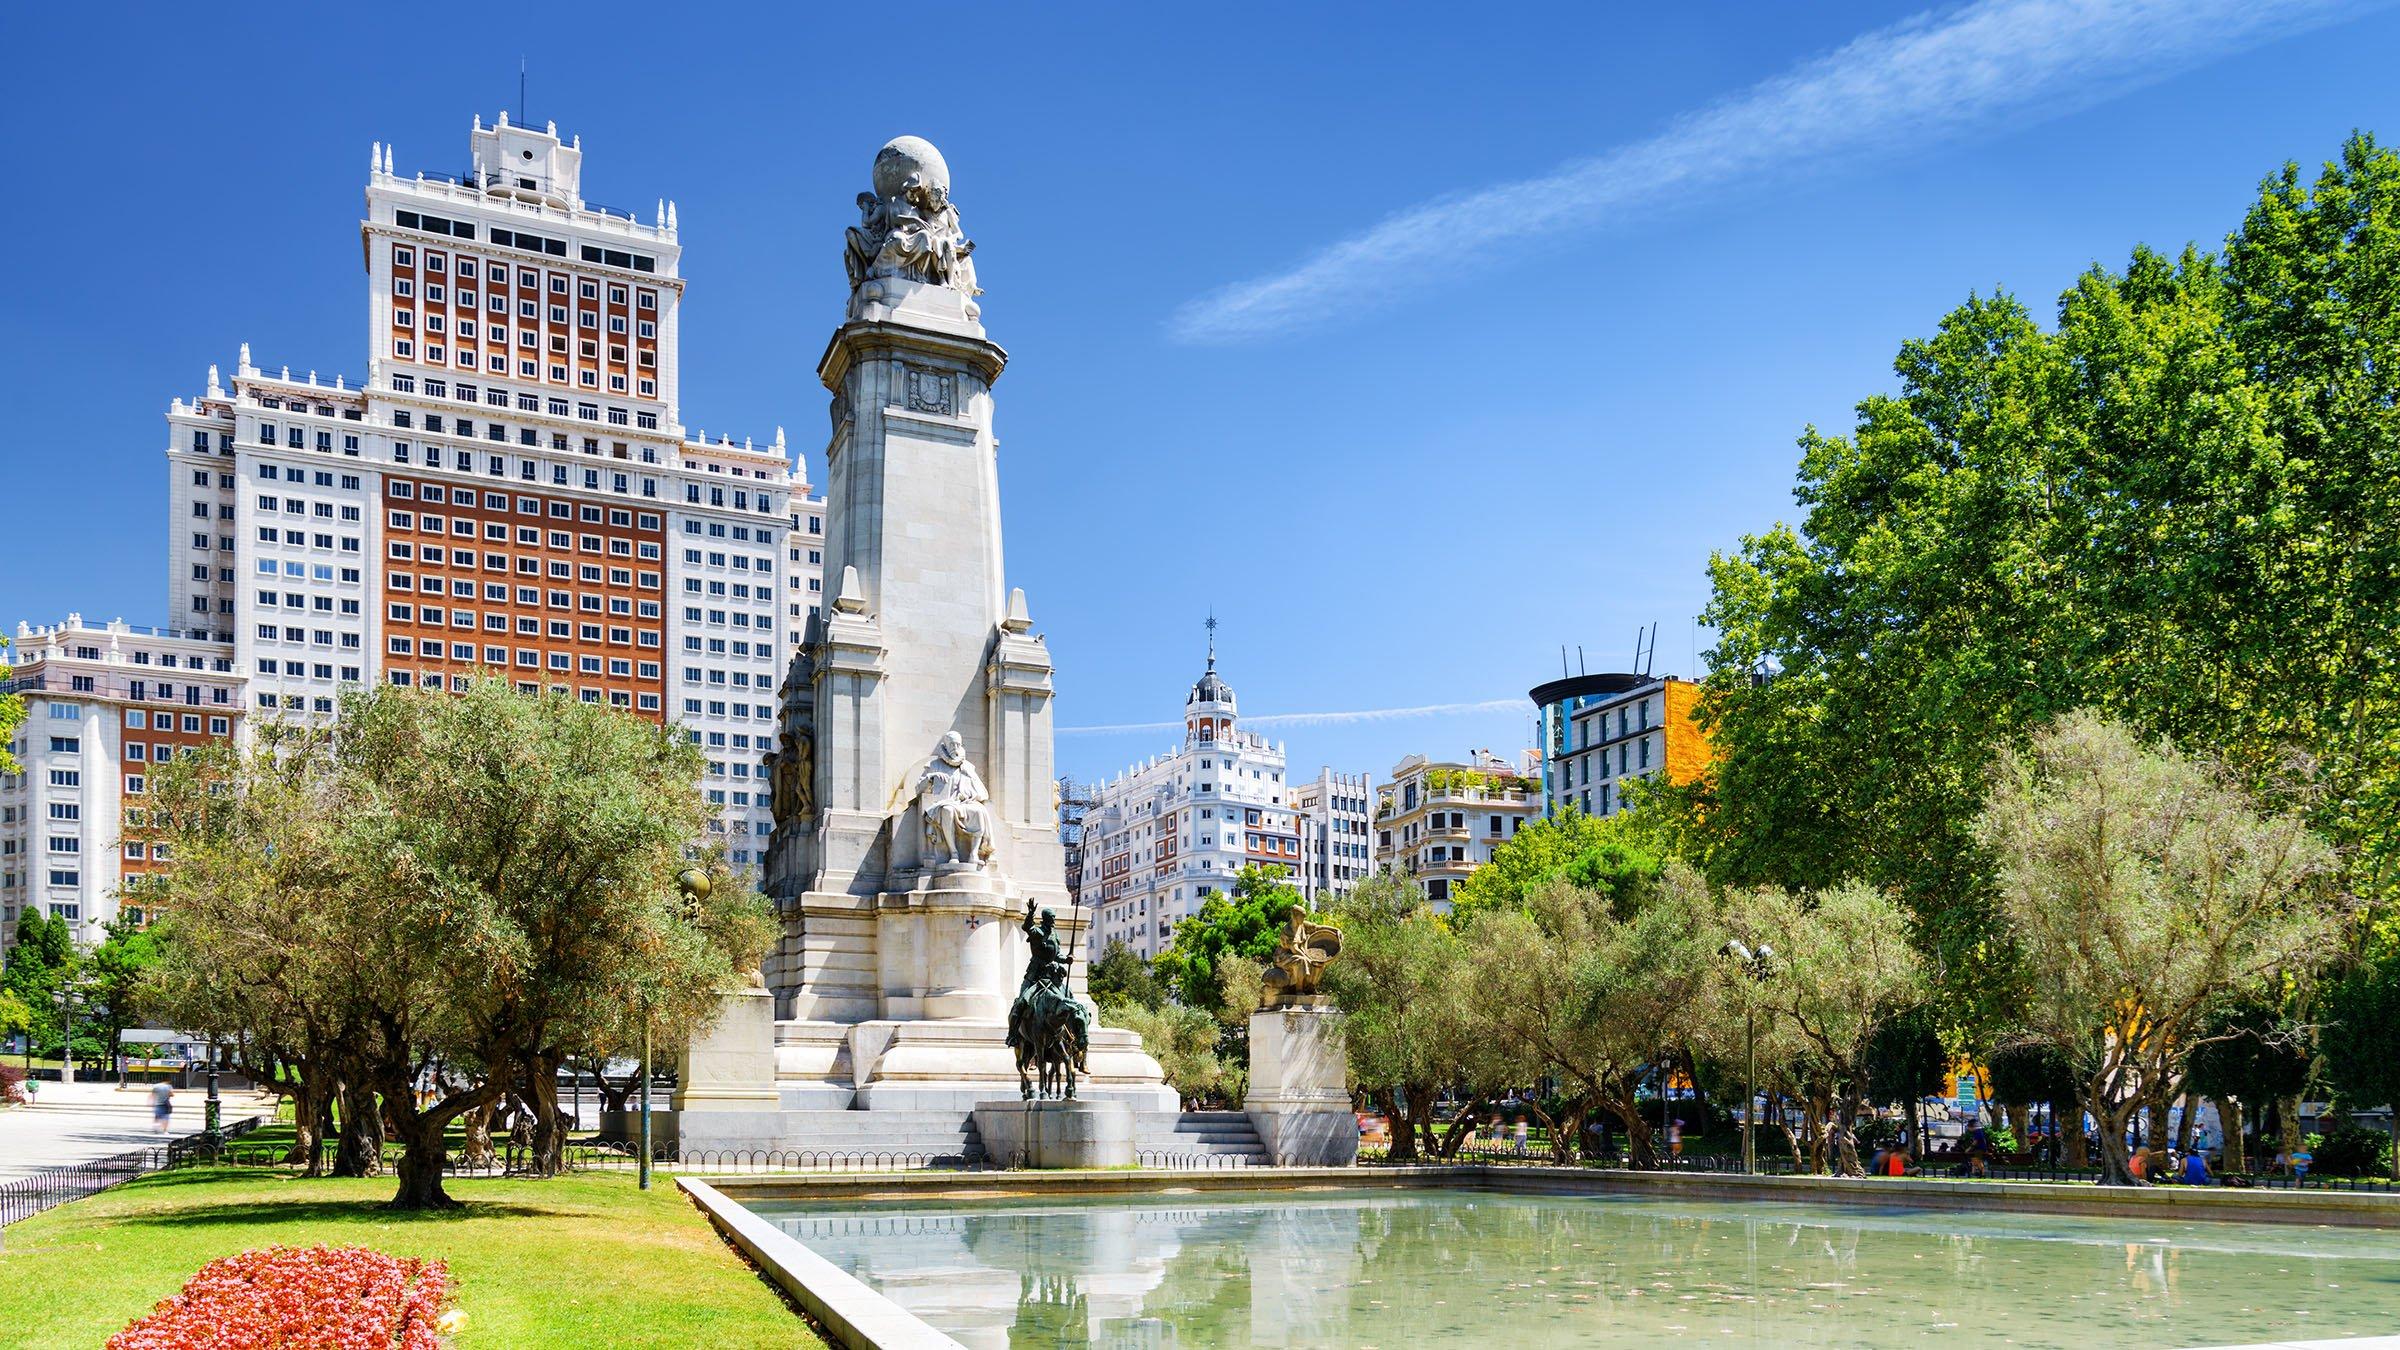 Monumento a miguel de cervantes plaza de espa a madrid - Viaje de novios espana ...